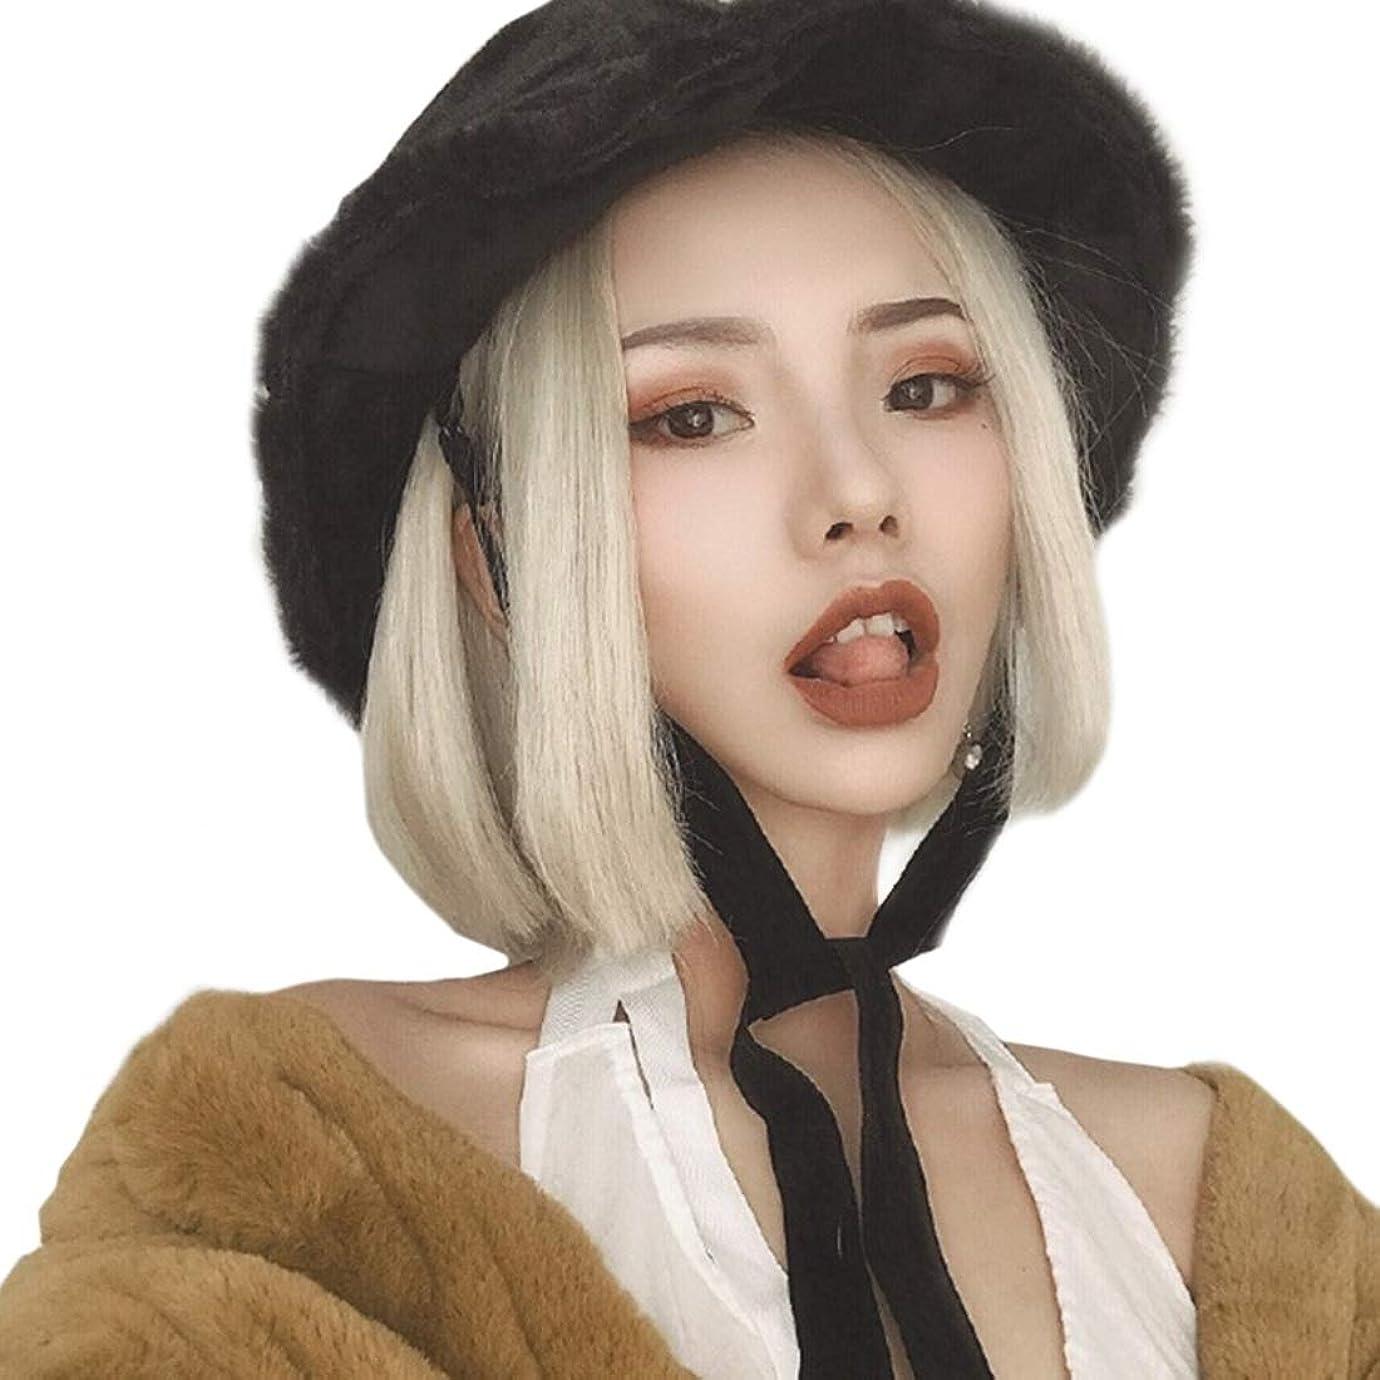 にやにや蜜終了するSummerys ボブウィッグベージュショートストレート人工毛フルウィッグナチュラルに見える耐熱性女性用